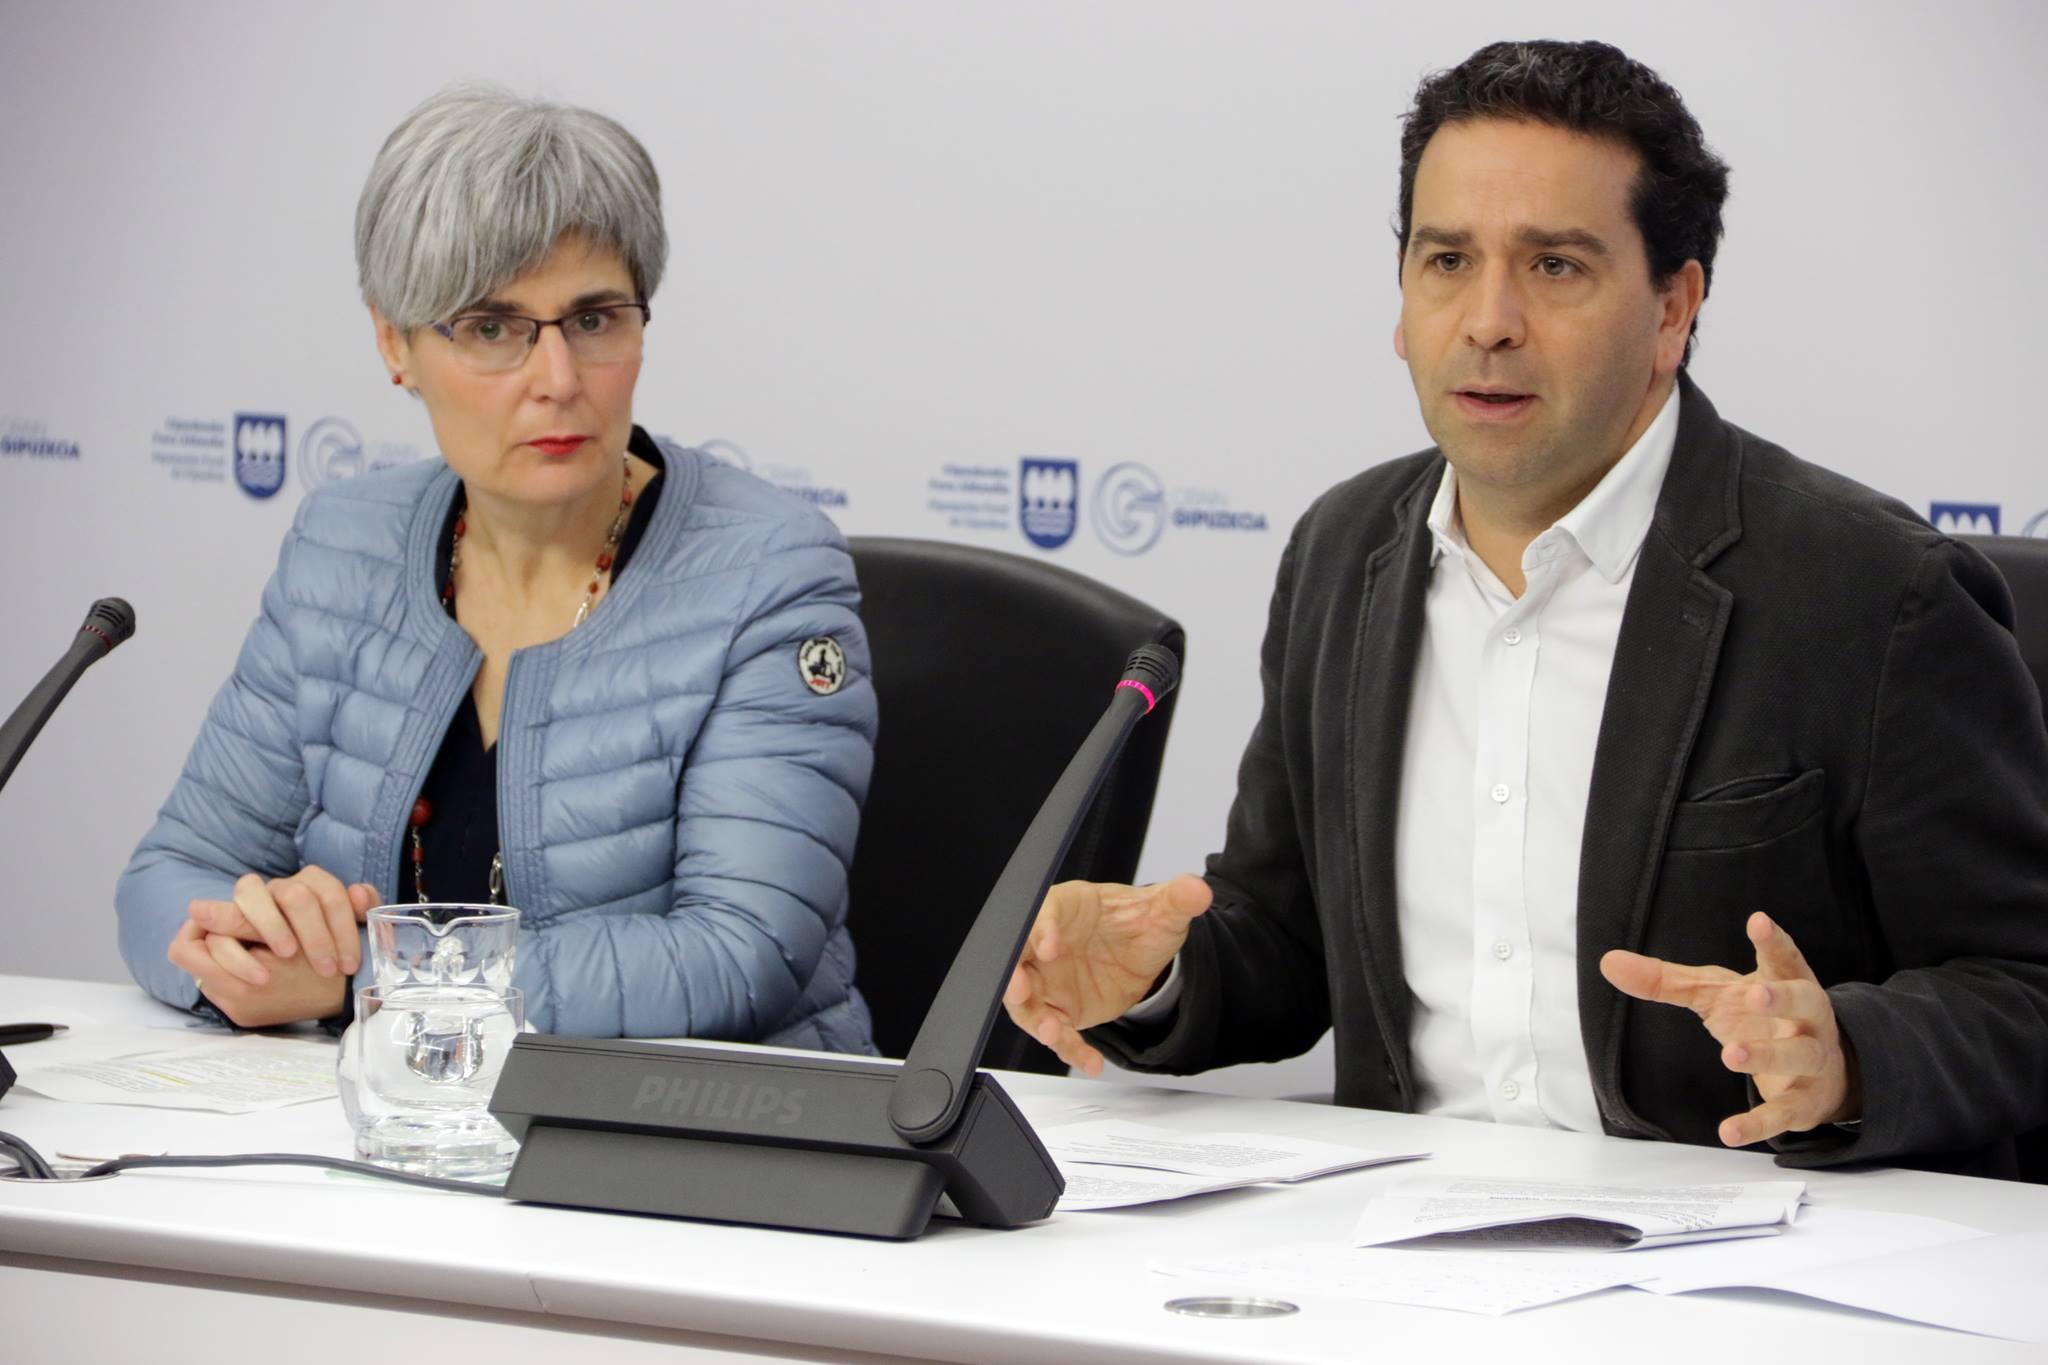 Los presupuestos de la diputaci n de gipuzkoa contar n con for Muebles basoko